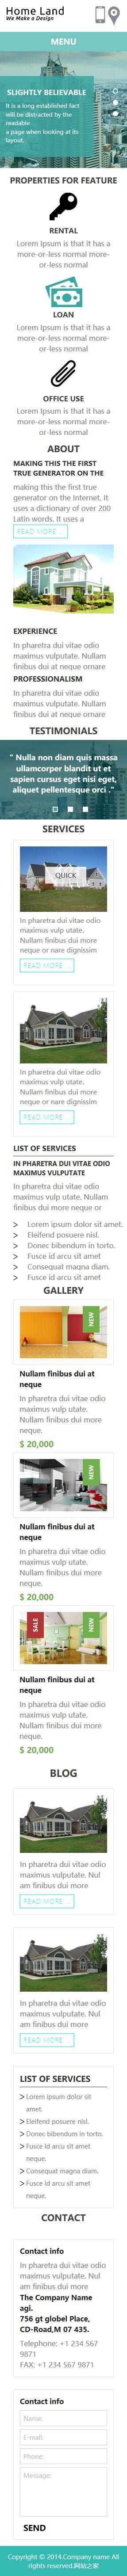 装修设计单页Web应用模板响应式网站手机图片